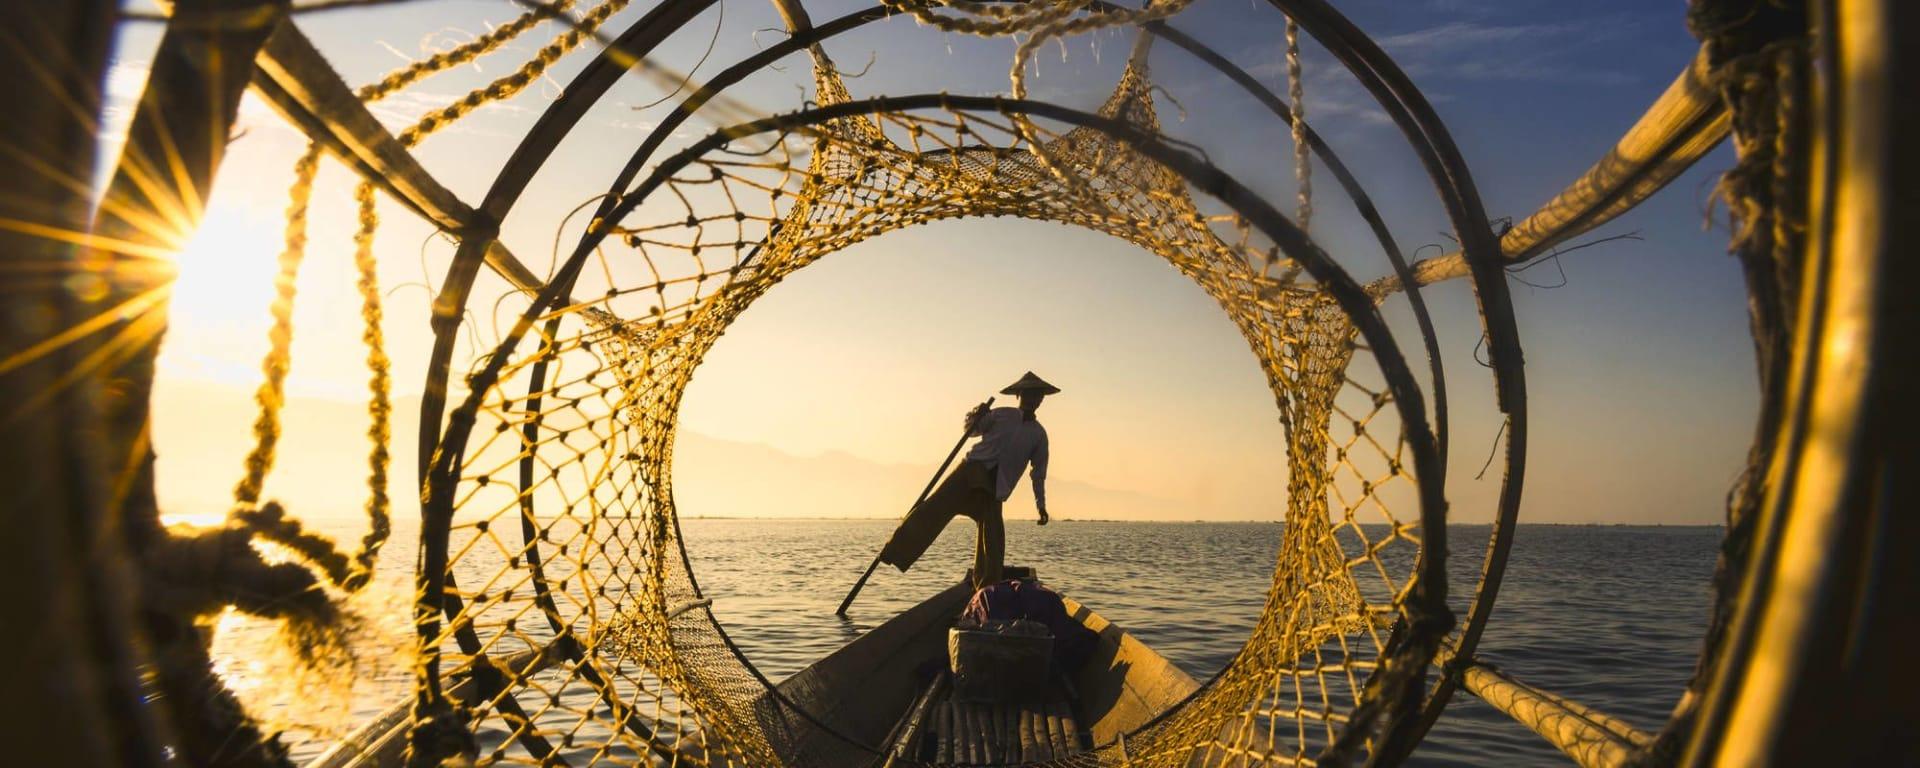 Mythes et légendes du Myanmar de Yangon: Inle Lake fisherman